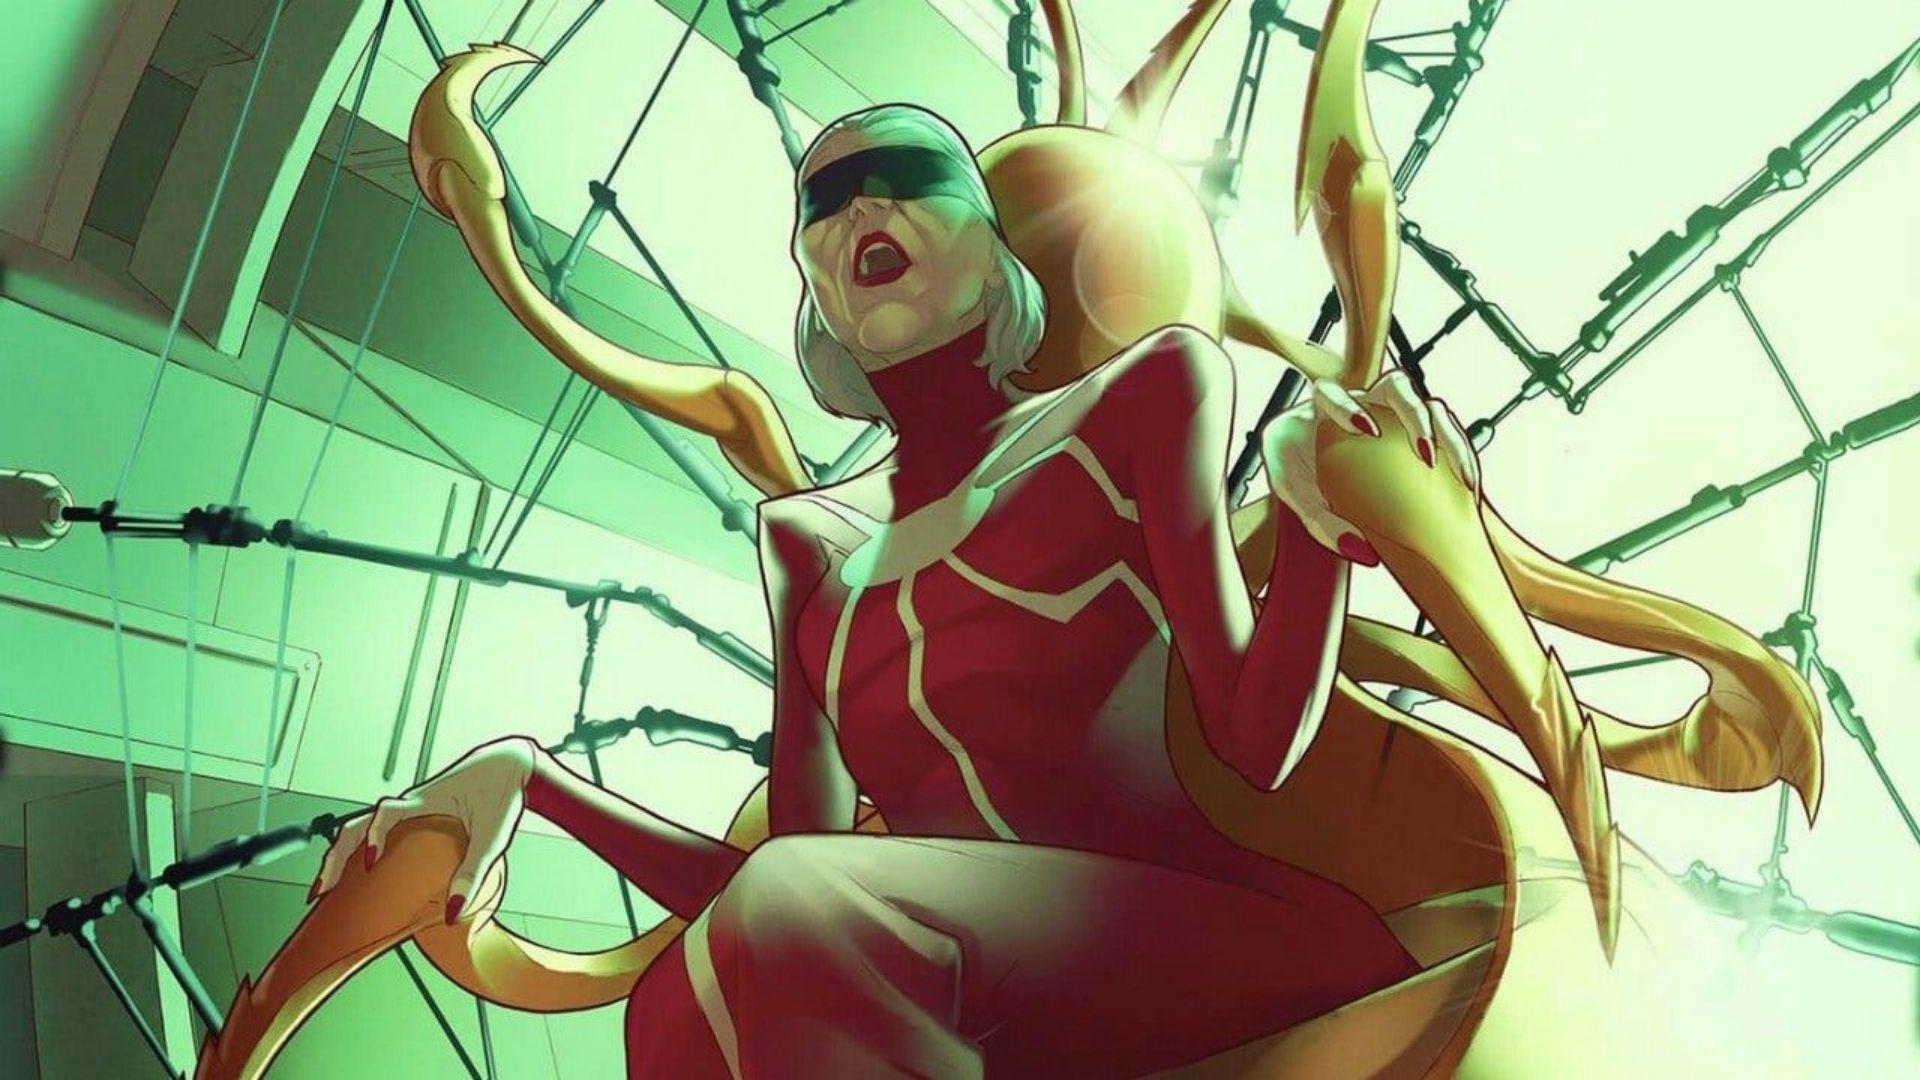 【スパイダーマン】マダム・ウェブの強さ・能力について解説!【マーベル原作】